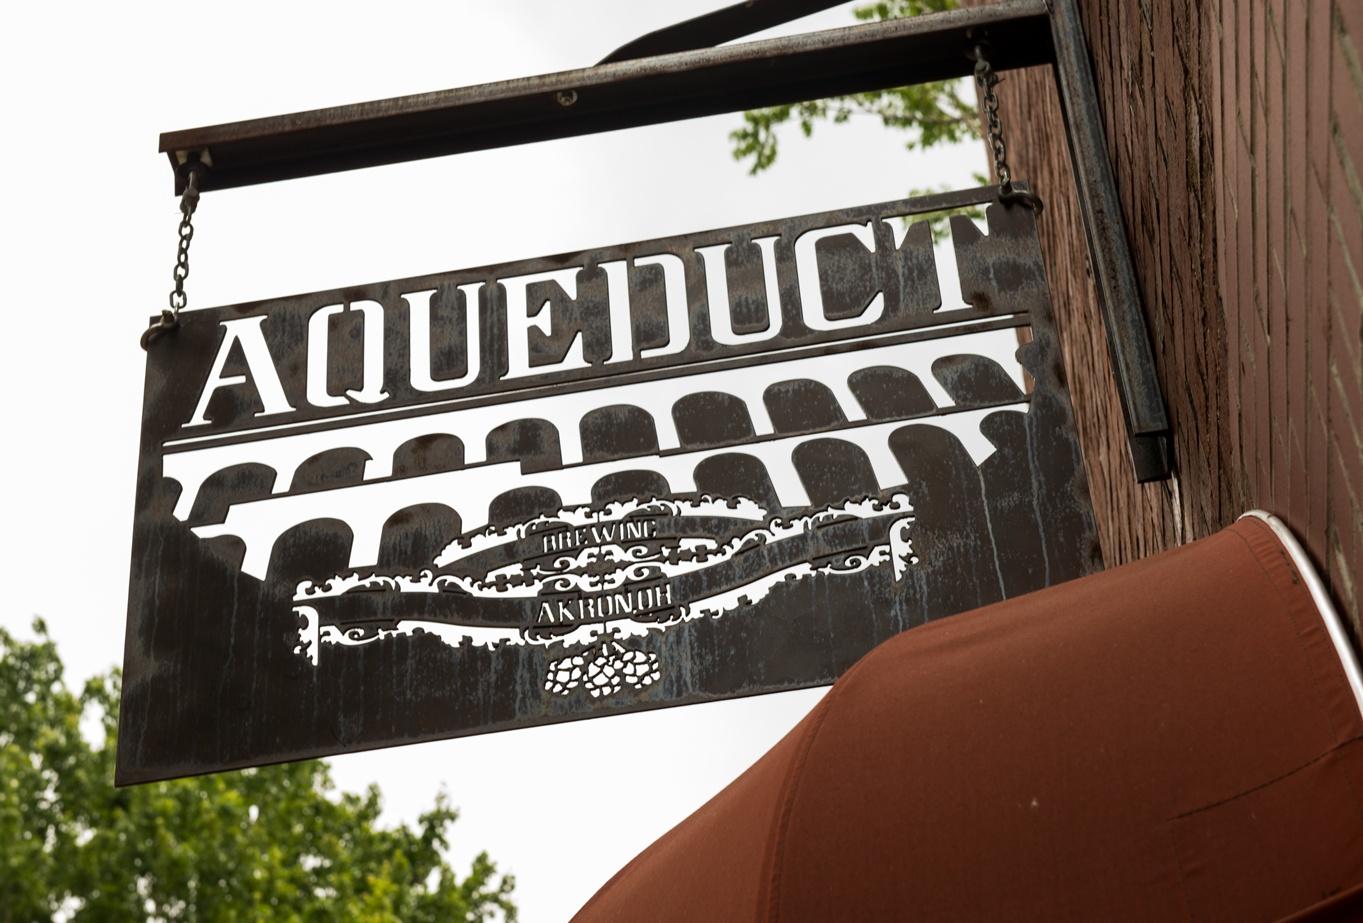 Aqueduct brewing